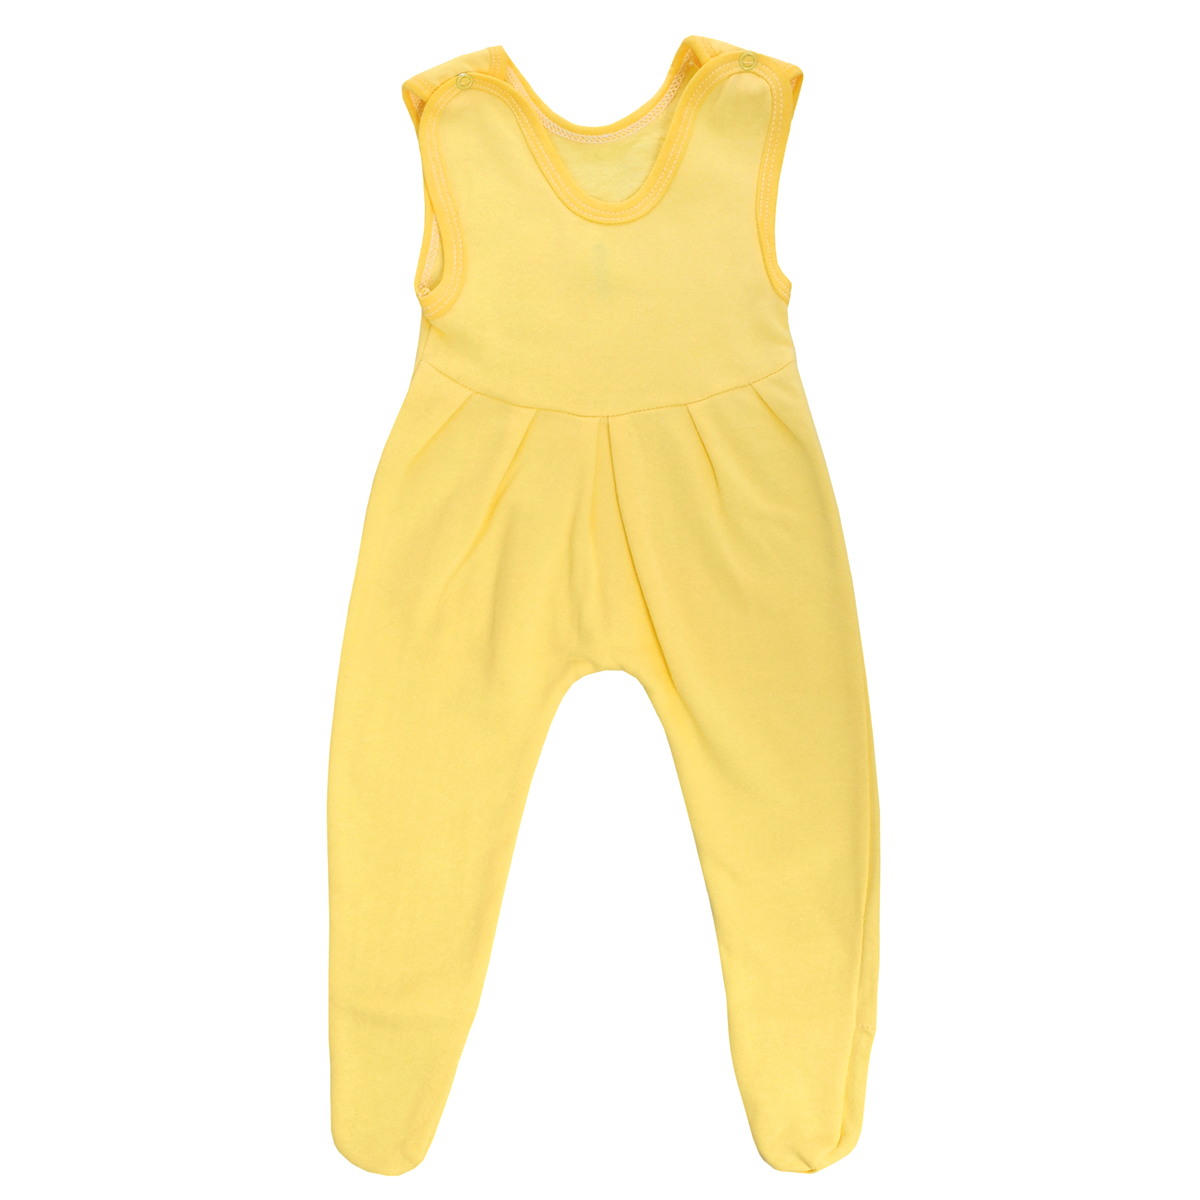 Ползунки с грудкой Трон-плюс, цвет: желтый. 5221. Размер 74, 9 месяцев5221Ползунки с грудкой Трон-плюс - очень удобный и практичный вид одежды для малышей. Ползунки выполнены из футера - натурального хлопка, благодаря чему они необычайно мягкие, тепленькие и приятные на ощупь, не раздражают нежную кожу ребенка и хорошо вентилируются, а эластичные швы приятны телу младенца и не препятствуют его движениям. Ползунки с закрытыми ножками, застегивающиеся сверху на две кнопочки, идеально подойдут вашему ребенку, обеспечивая ему наибольший комфорт, подходят для ношения с подгузником и без него. От линии груди заложены складочки, придающие изделию оригинальность.Ползунки с грудкой полностью соответствуют особенностям жизни младенца в ранний период, не стесняя и не ограничивая его в движениях!